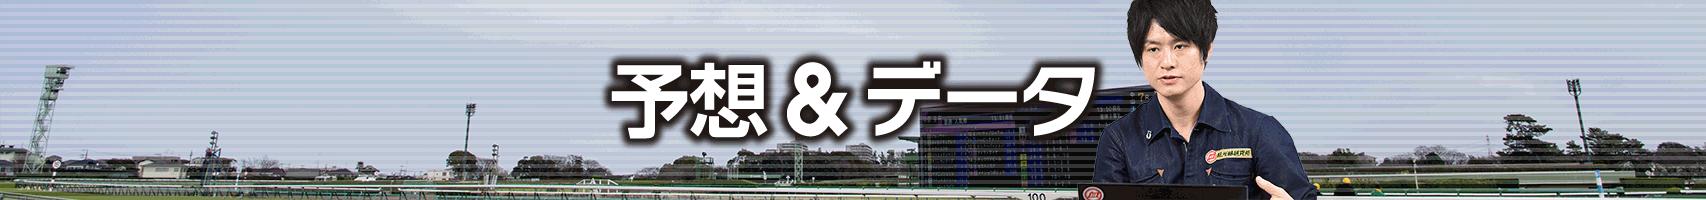 札幌2歳S/過去の好走馬4ライン小系統&3代内種牡馬